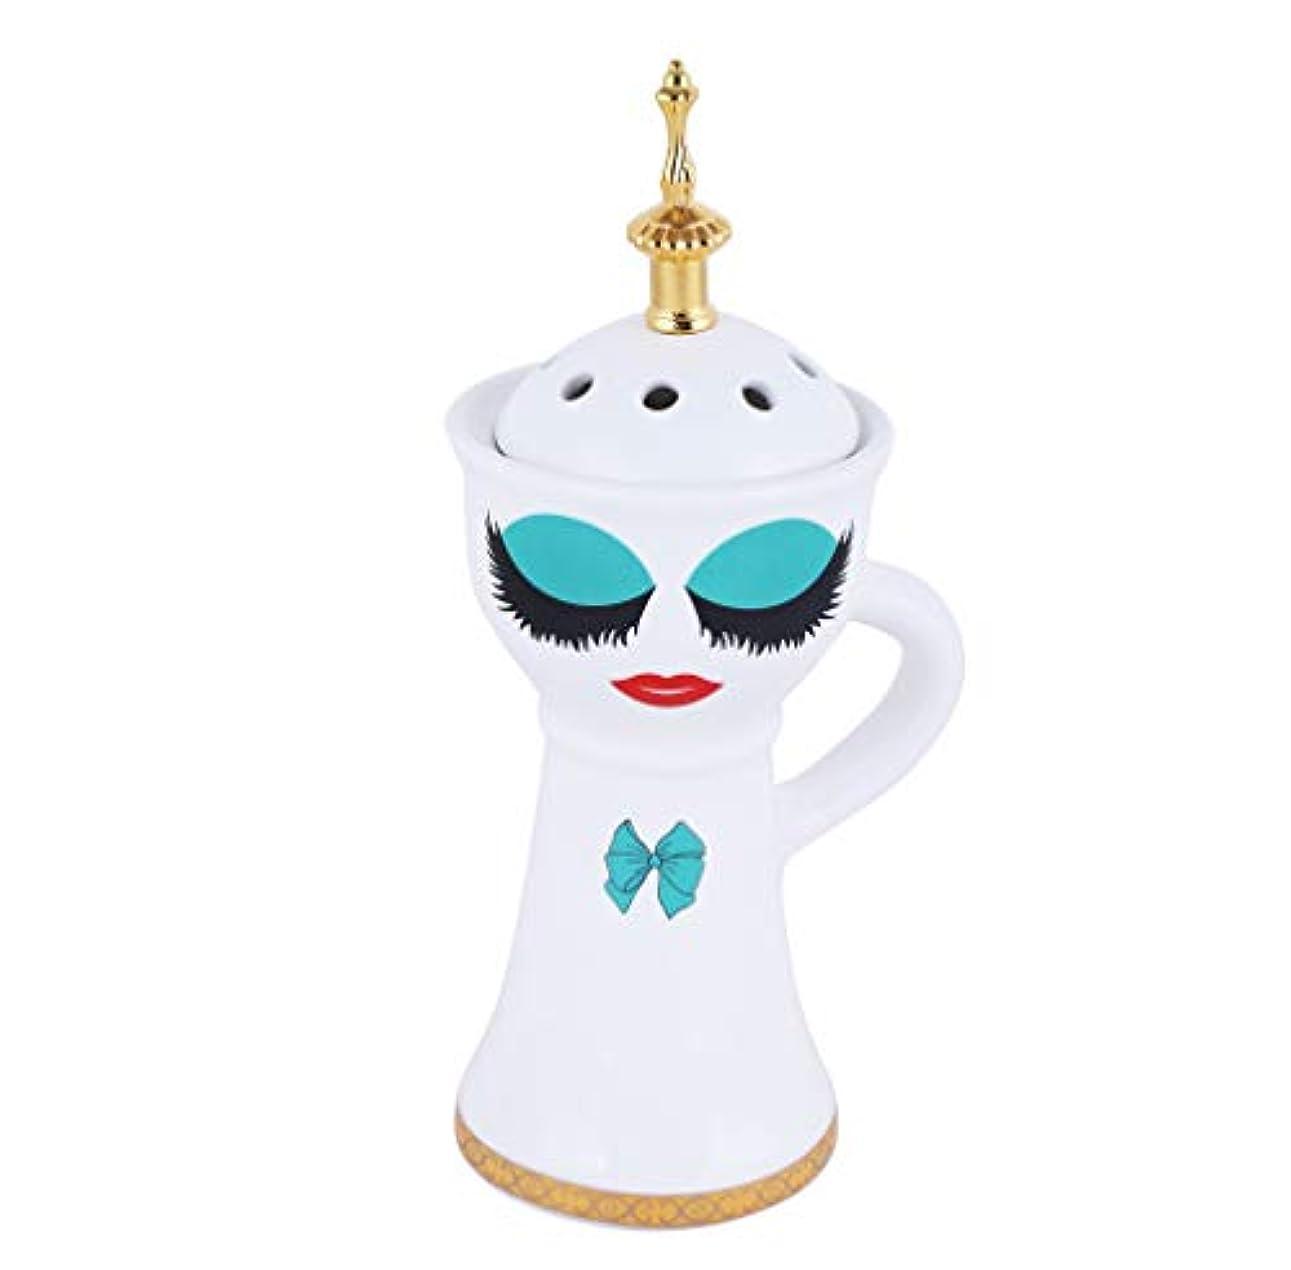 富飽和する秋Beautiful Ceramic Incense Bakhoor/Oud Burner Frankincense Incense Holder with Attractive Eyes, Non Electric, Best for Gifting IB-026